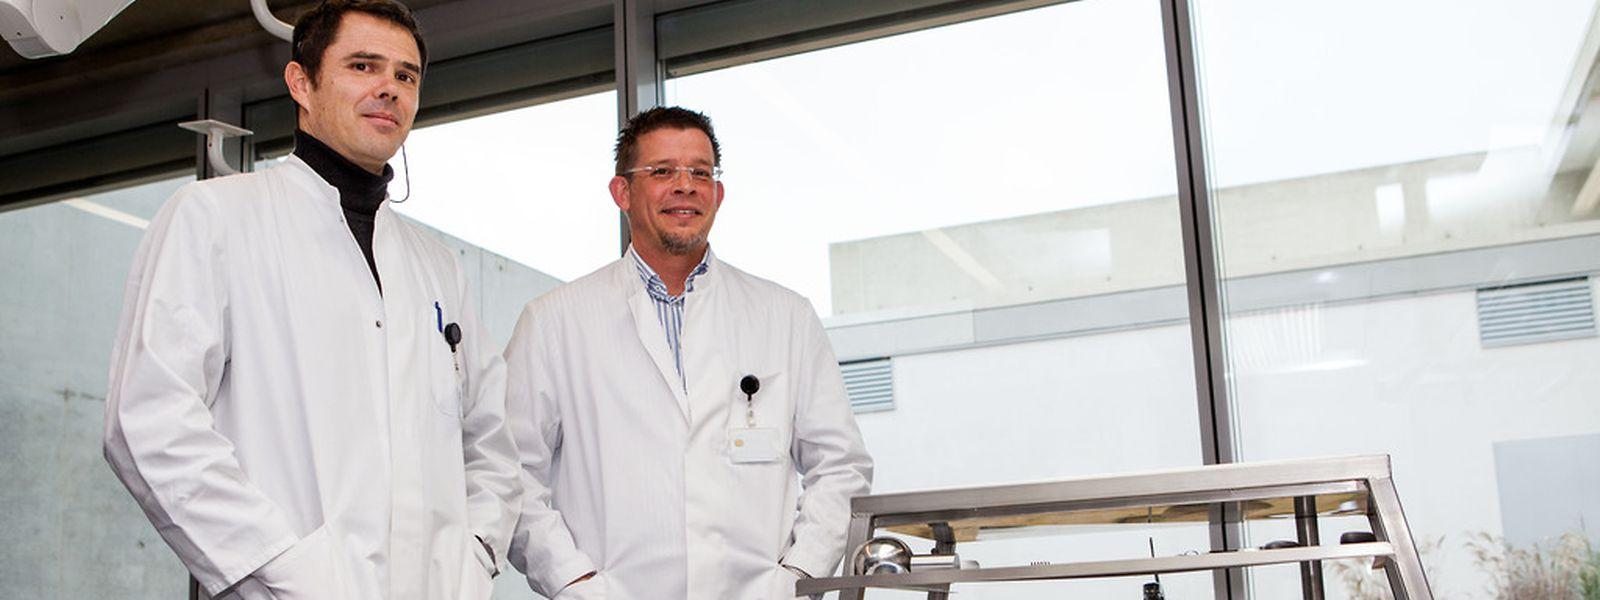 Dr. Ulrich Preiß und Dr. Andreas Schuff sind Luxemburgs erste Gerichtsmediziner. Schuff arbeitet sei April in Düdelingen, Preiß seit Oktober.